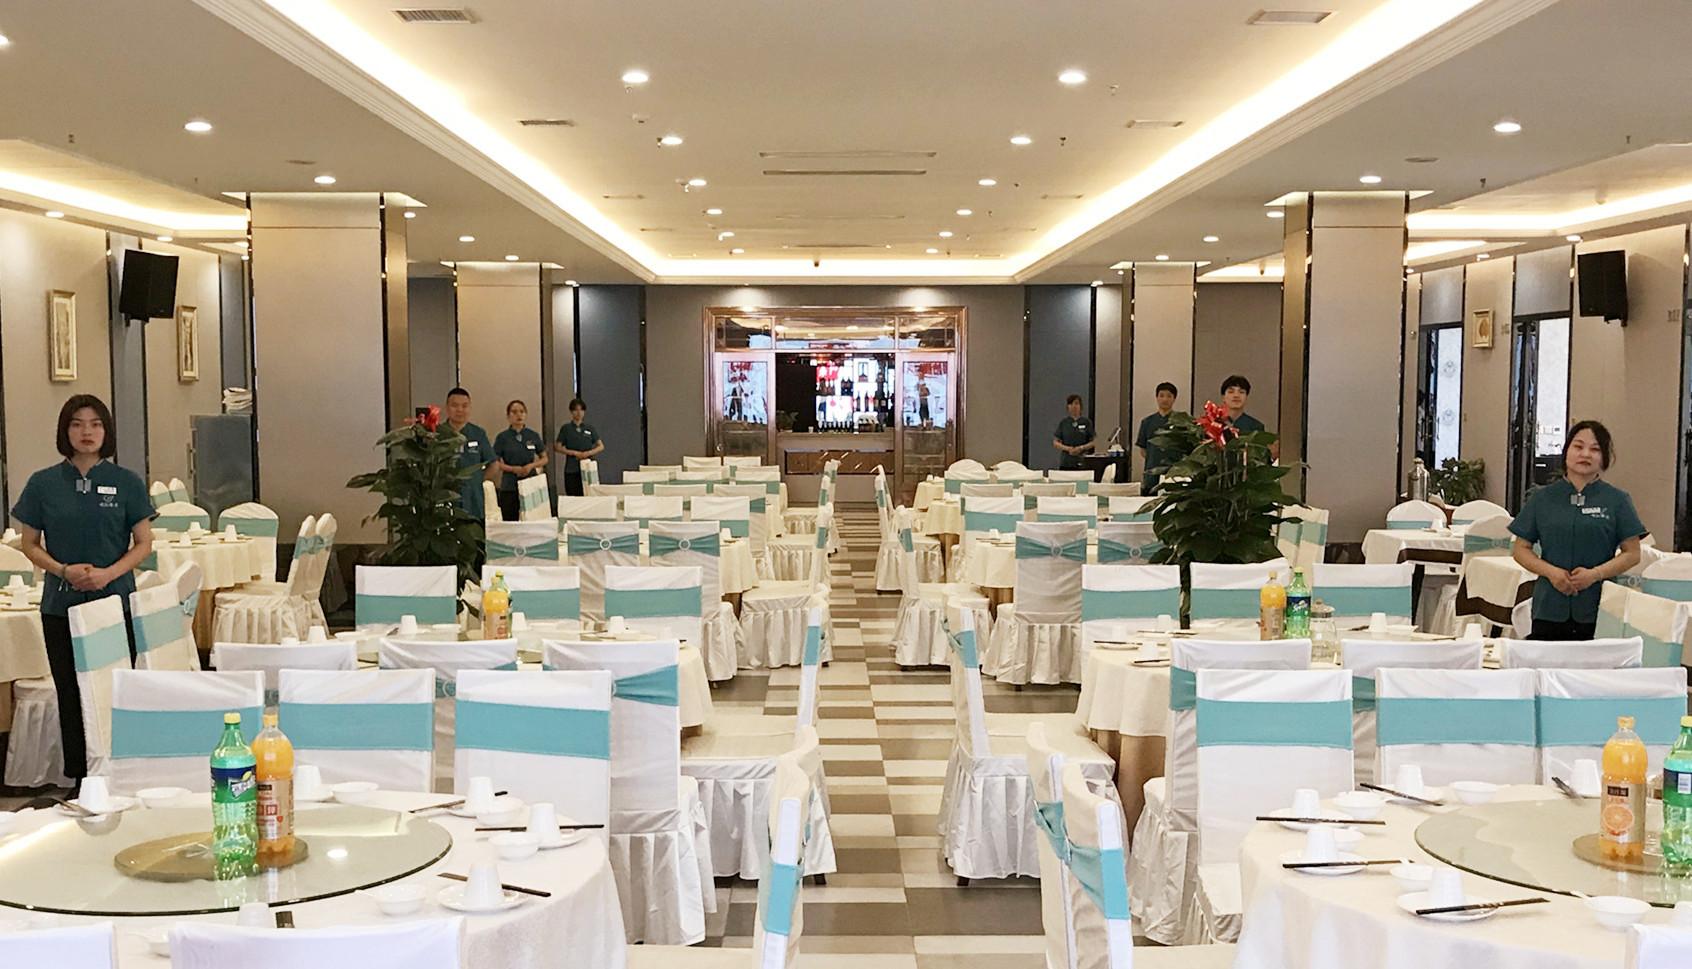 西安川江酒楼婚宴图片